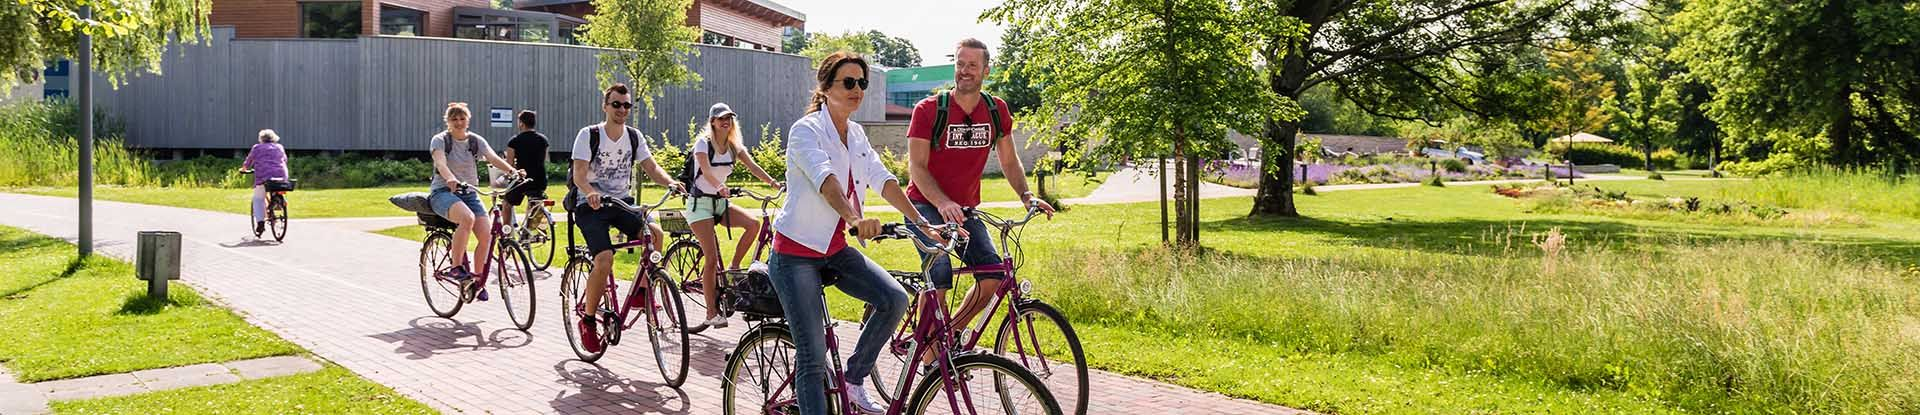 Radfahrer in Bad Bevensen